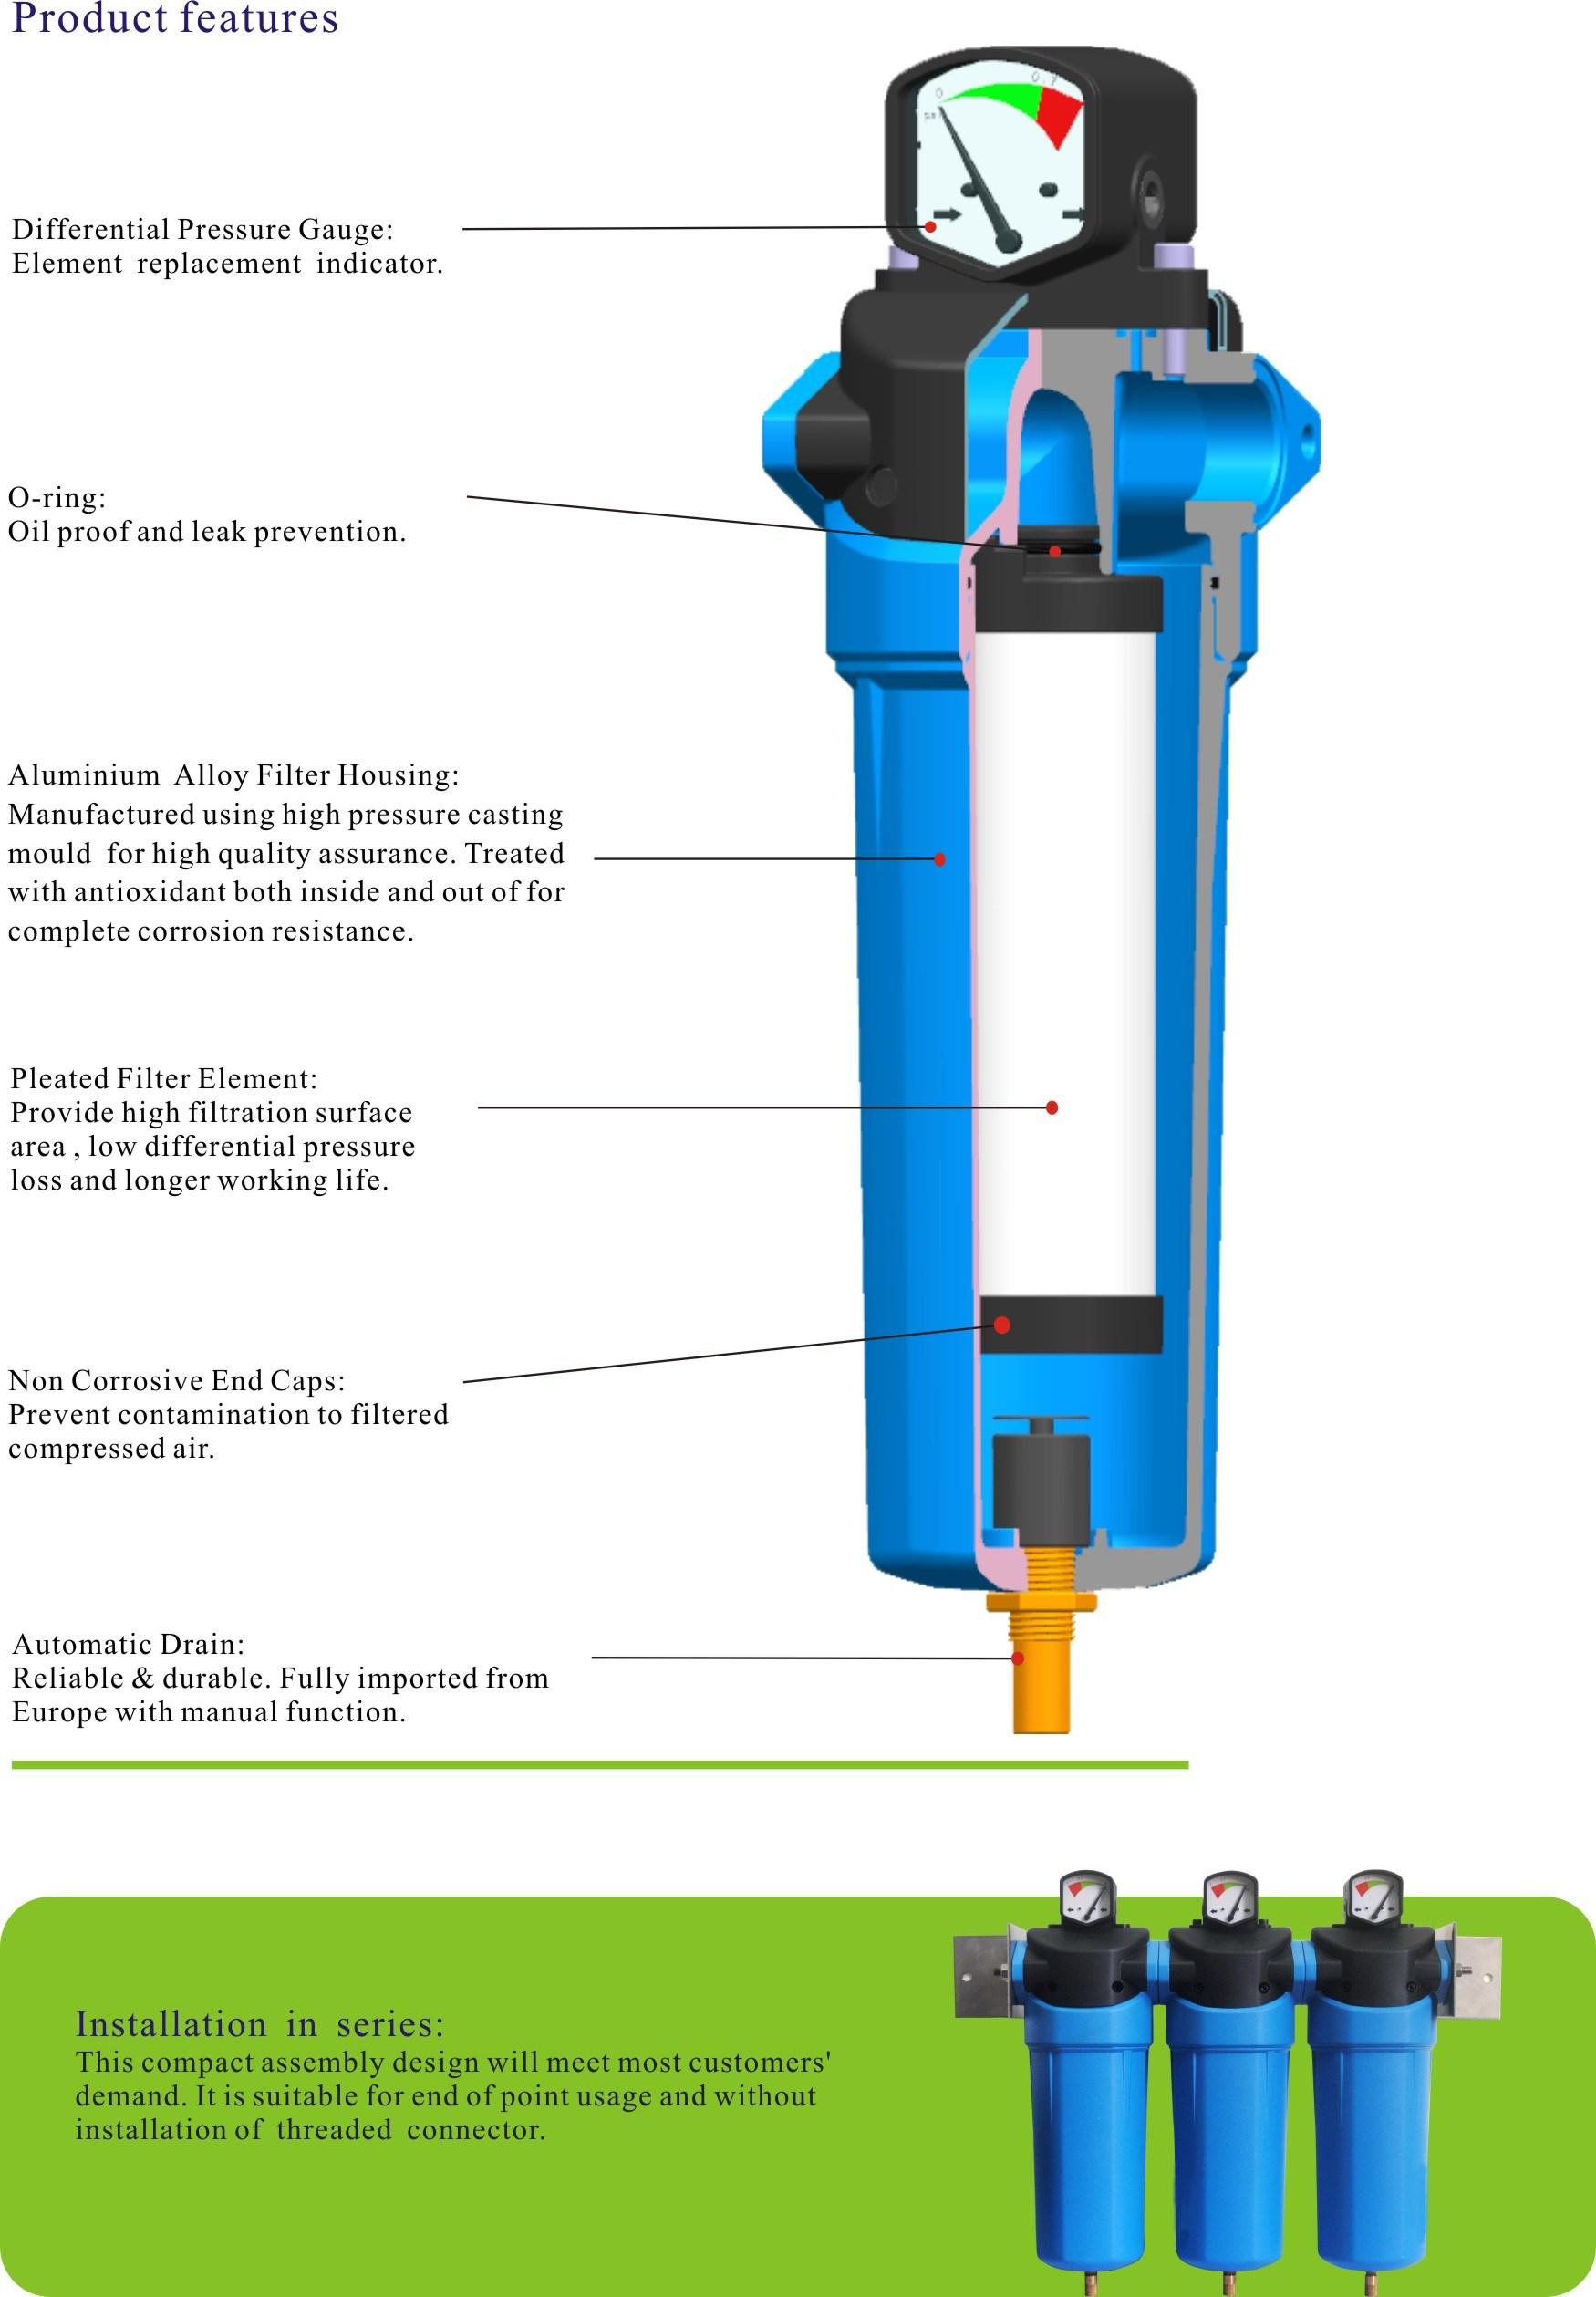 Air Pressor Wiring Diagram On Sullair Air Pressor Wiring Diagram